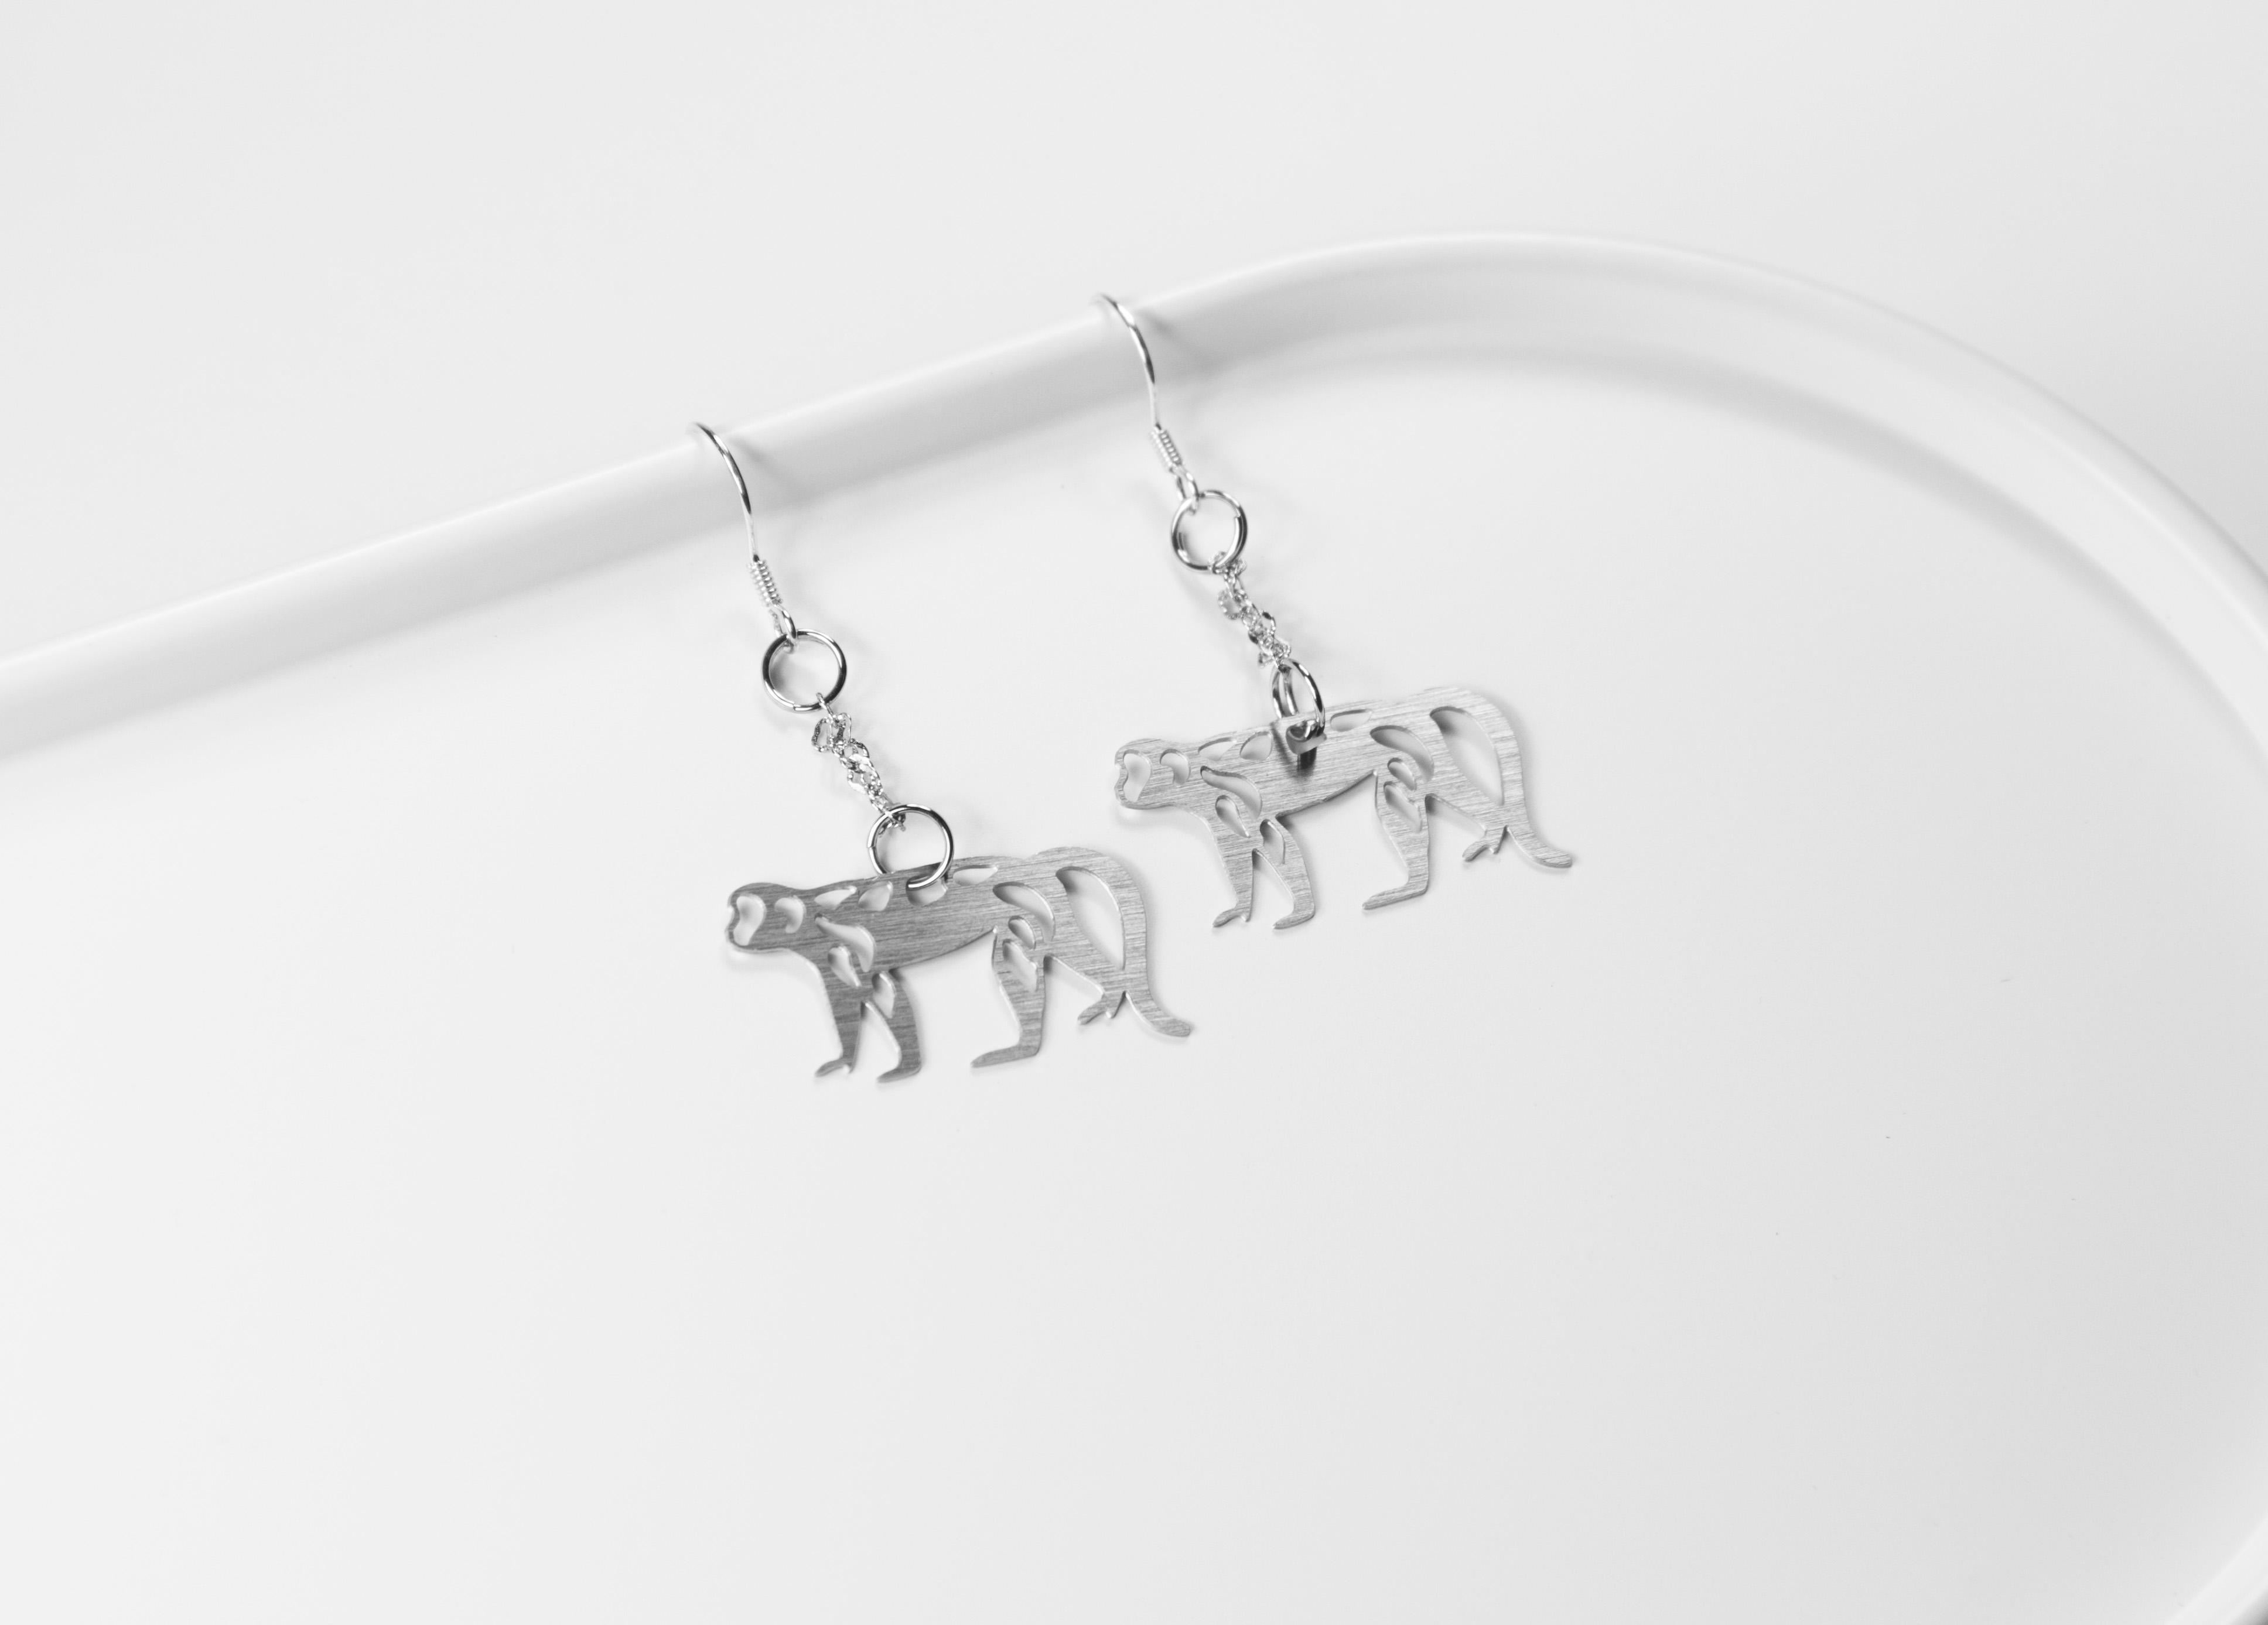 十二生肖─猴 耳環【迷你款】_動物系列_造題